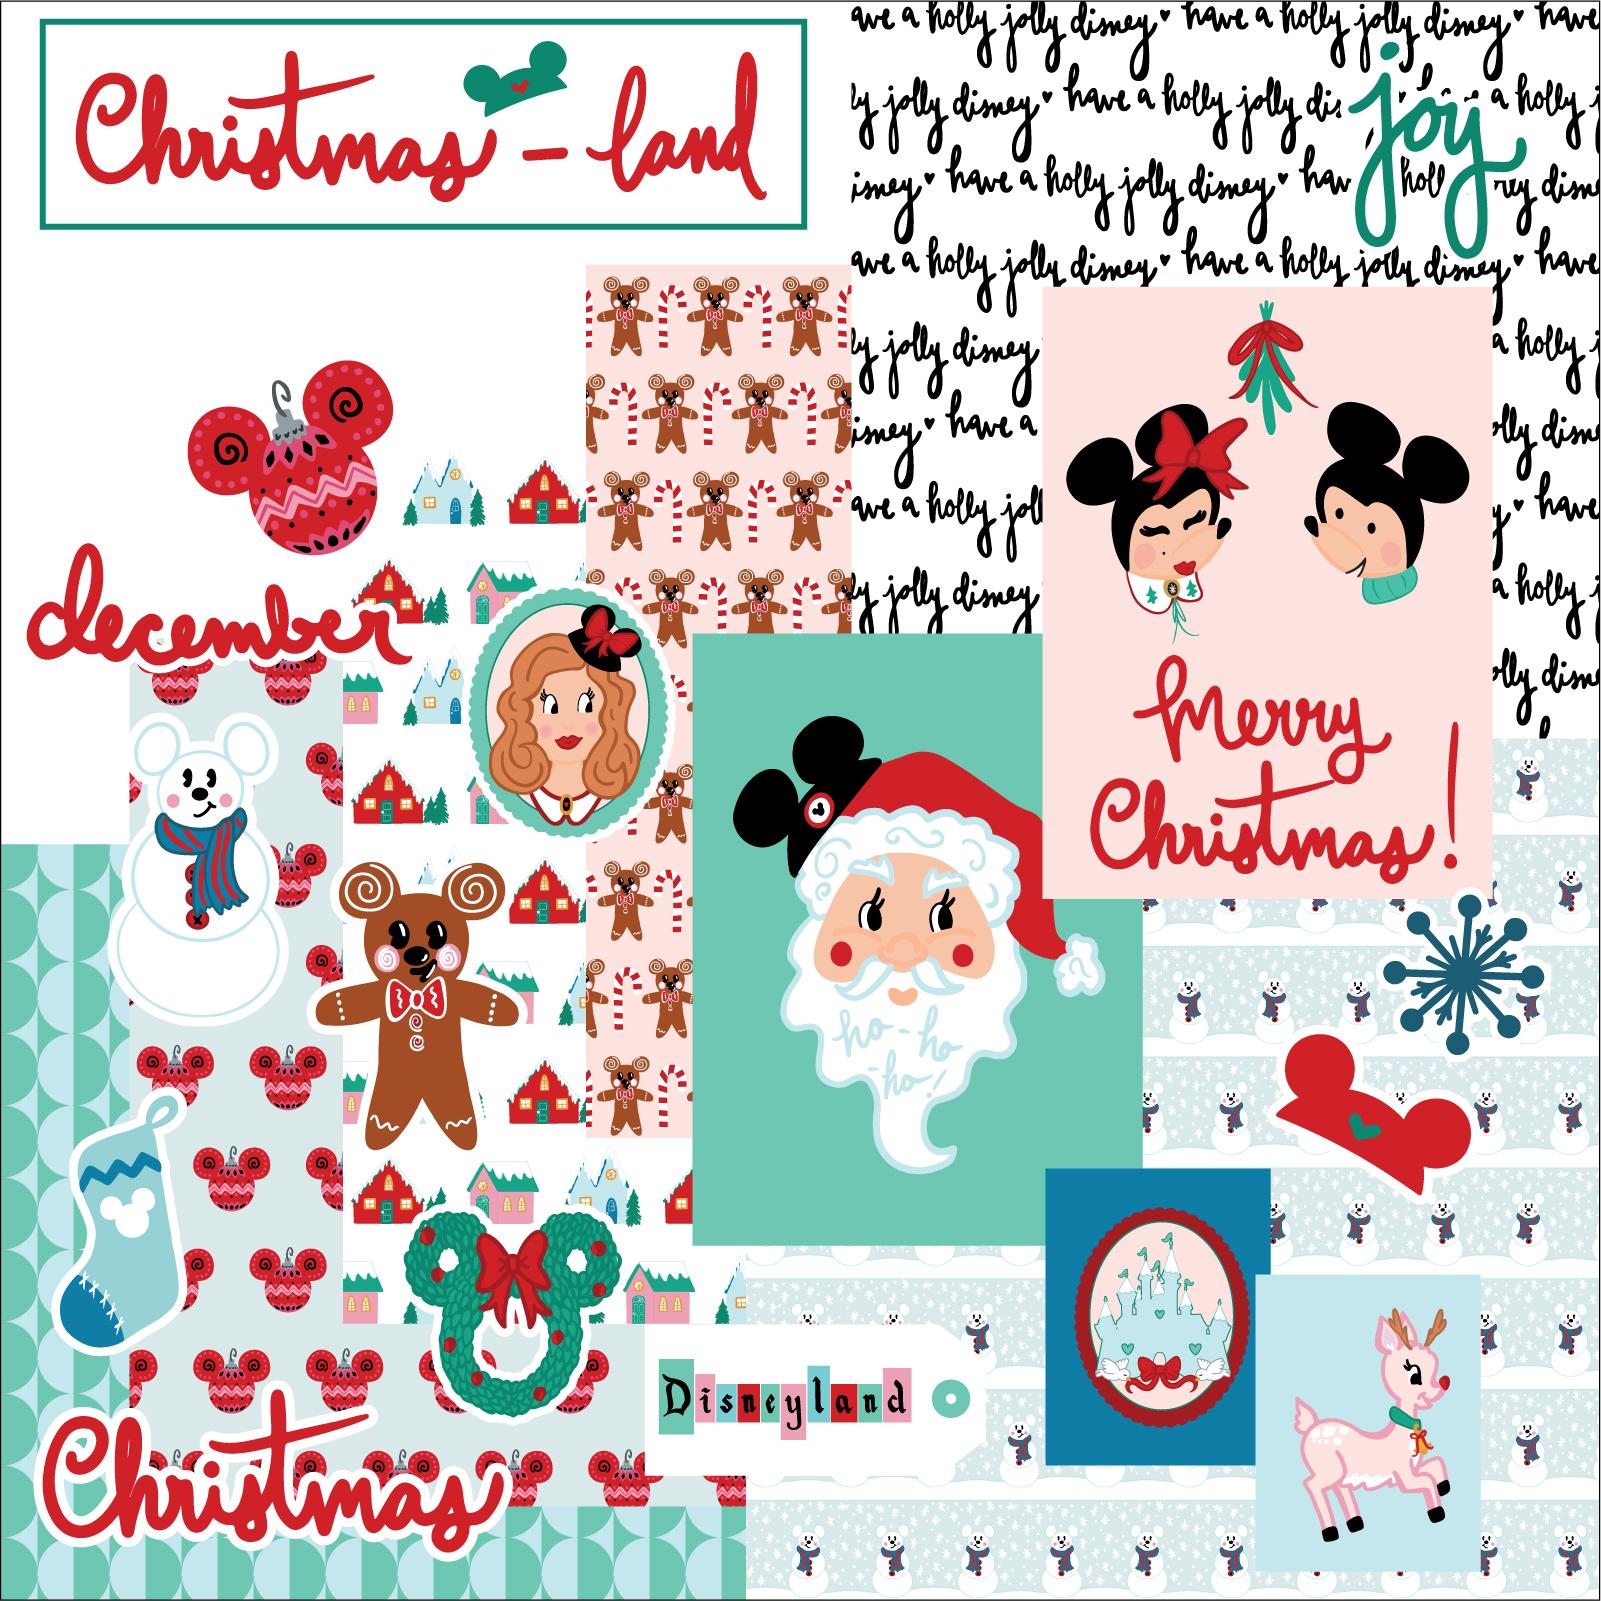 Christmas-land - Sneak Peek-36.jpg